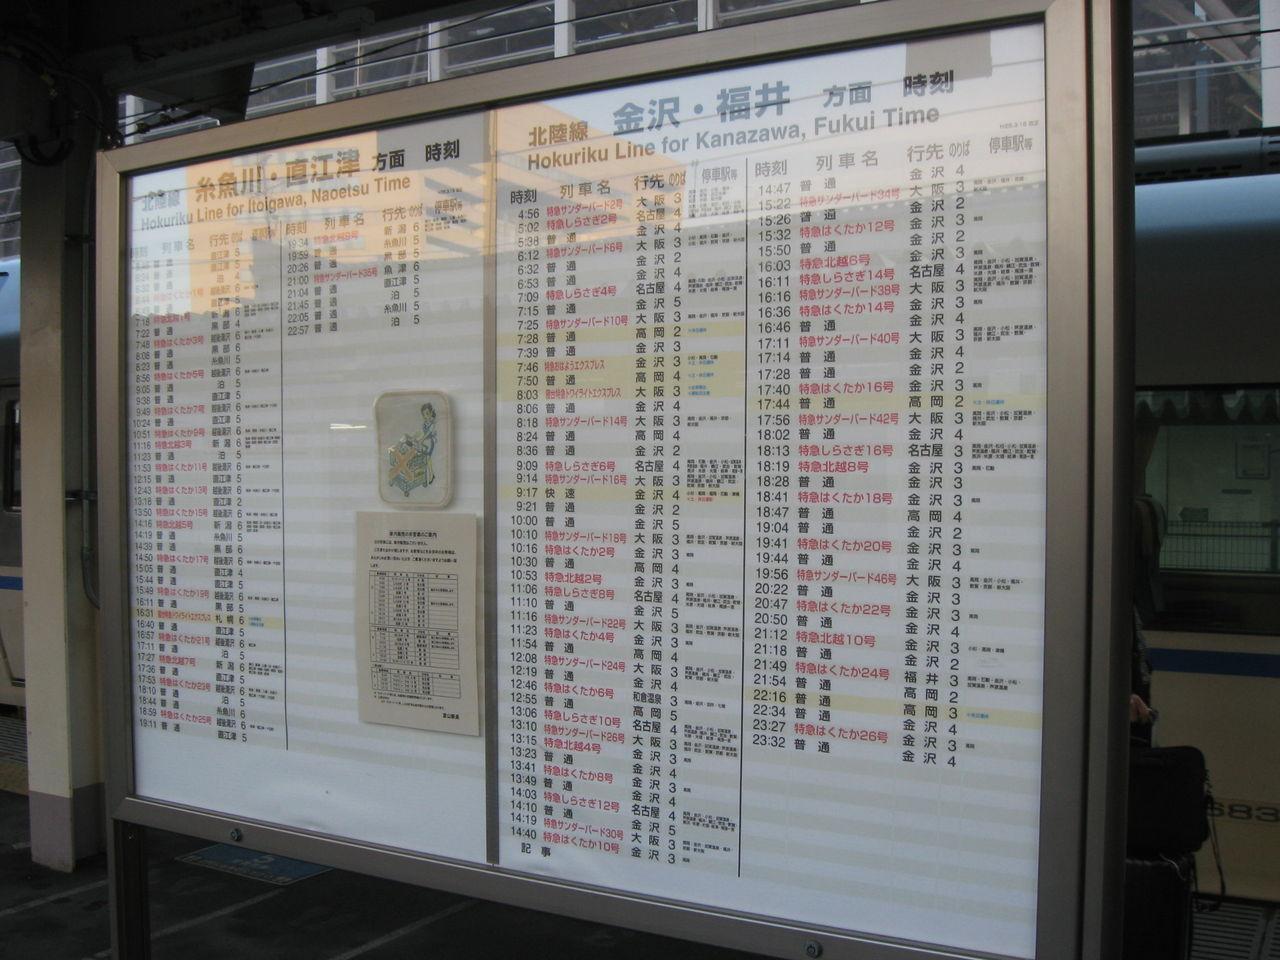 時刻 表 上り 北陸 新幹線